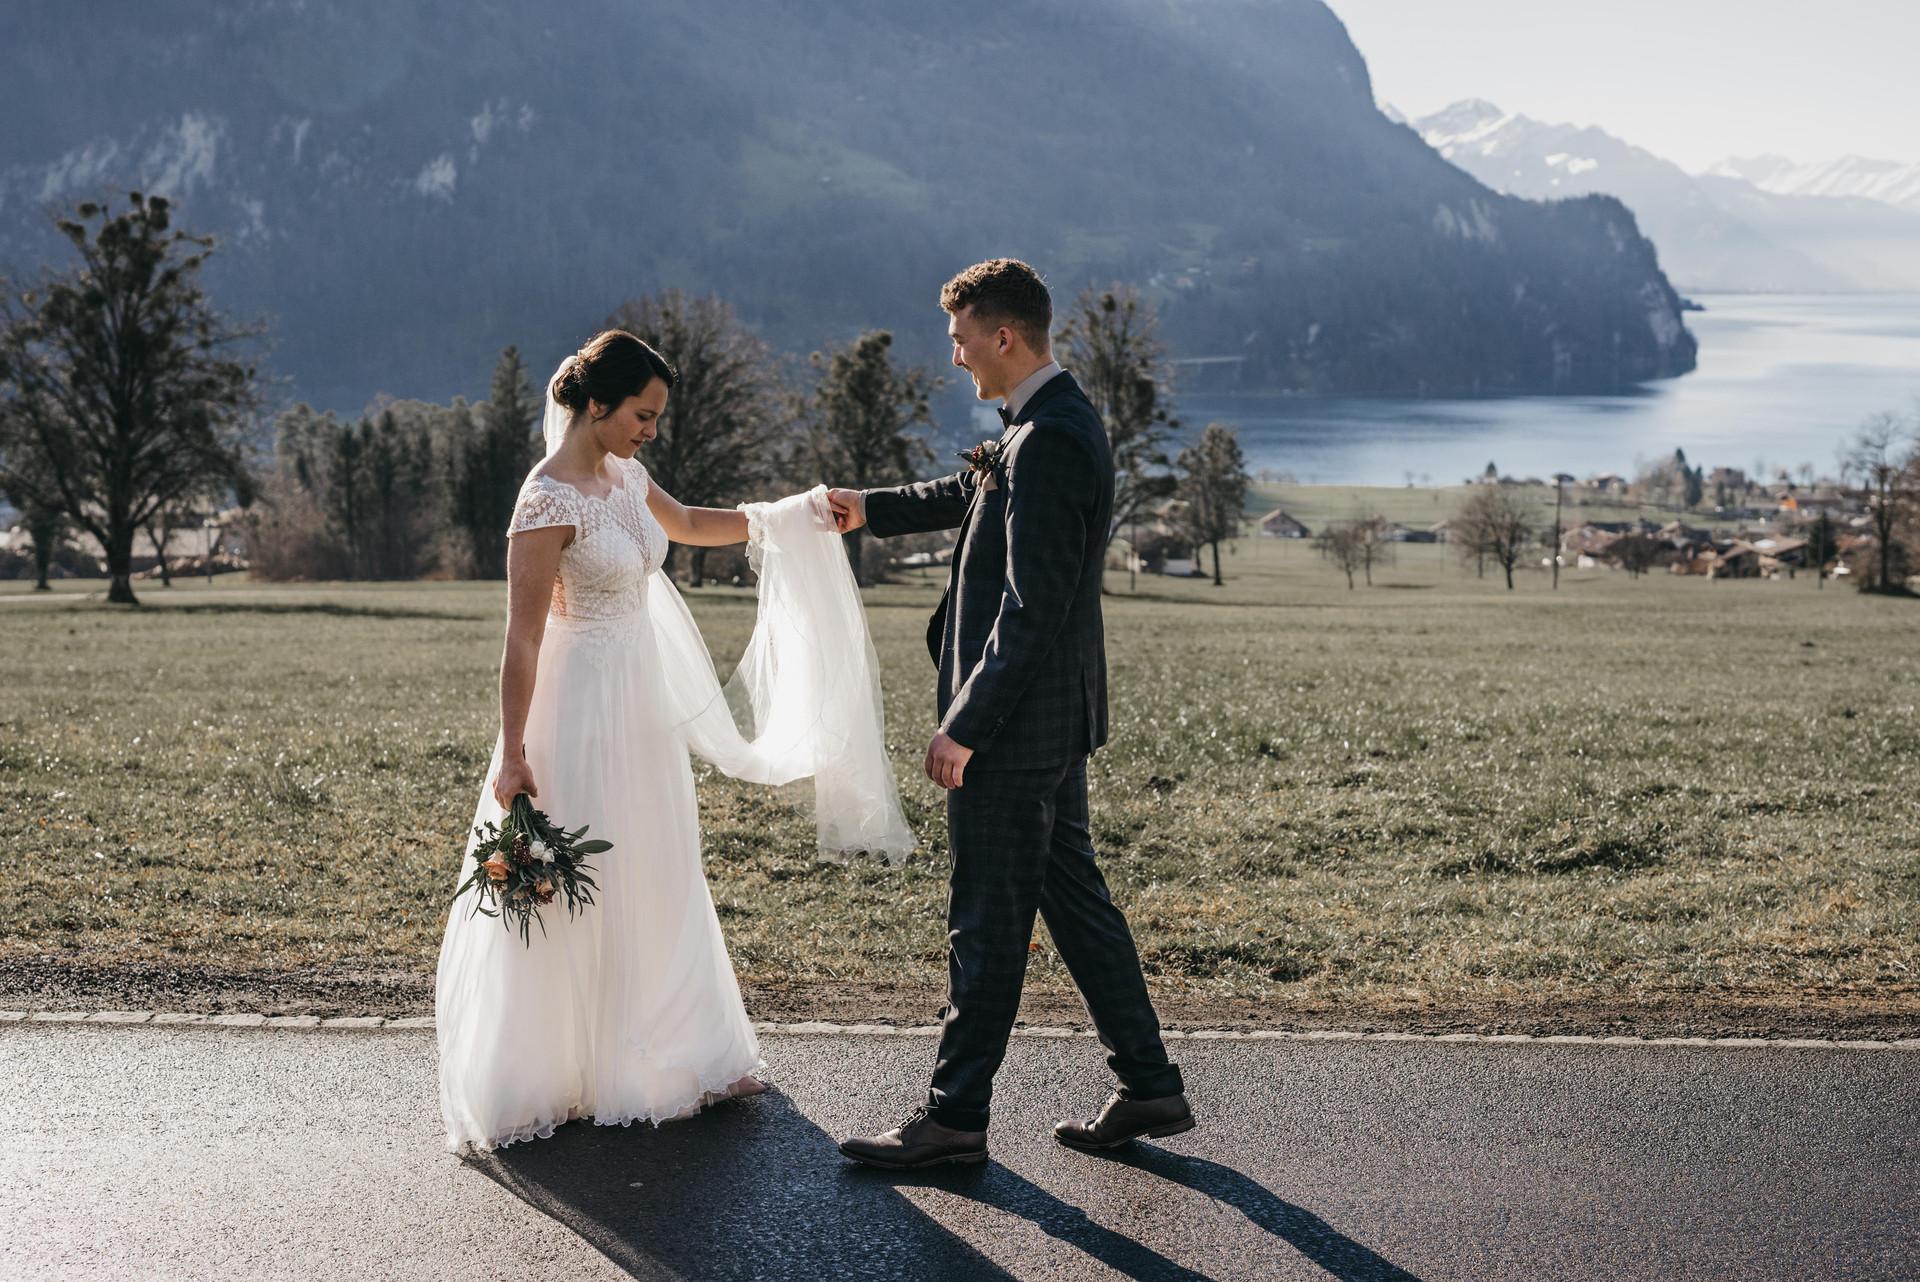 Hochzeitsfotografen-29.jpg